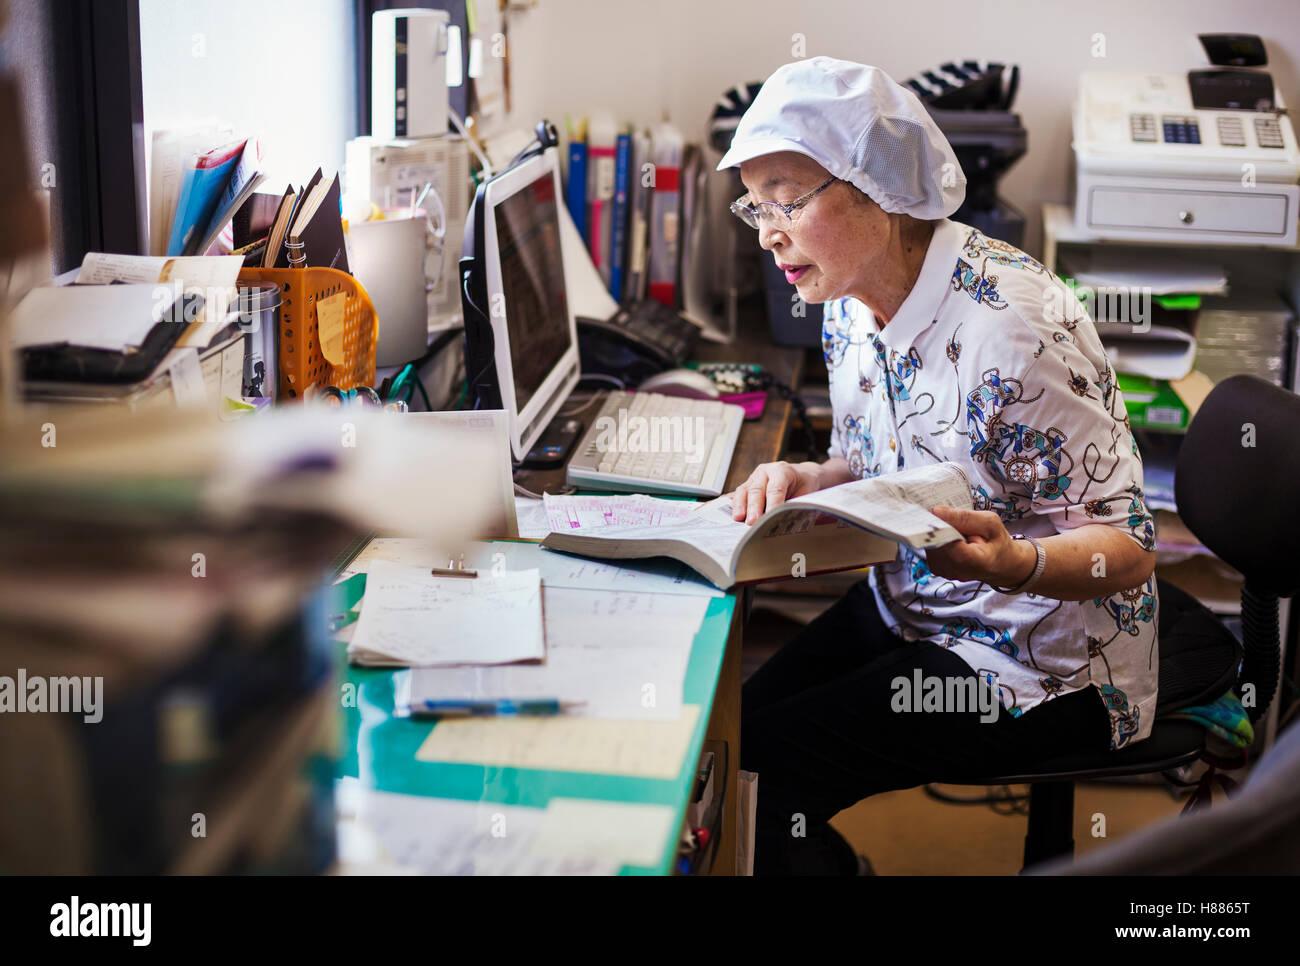 Une femme mature à un bureau de l'office d'une unité de restauration rapide et de nouilles en Photo Stock